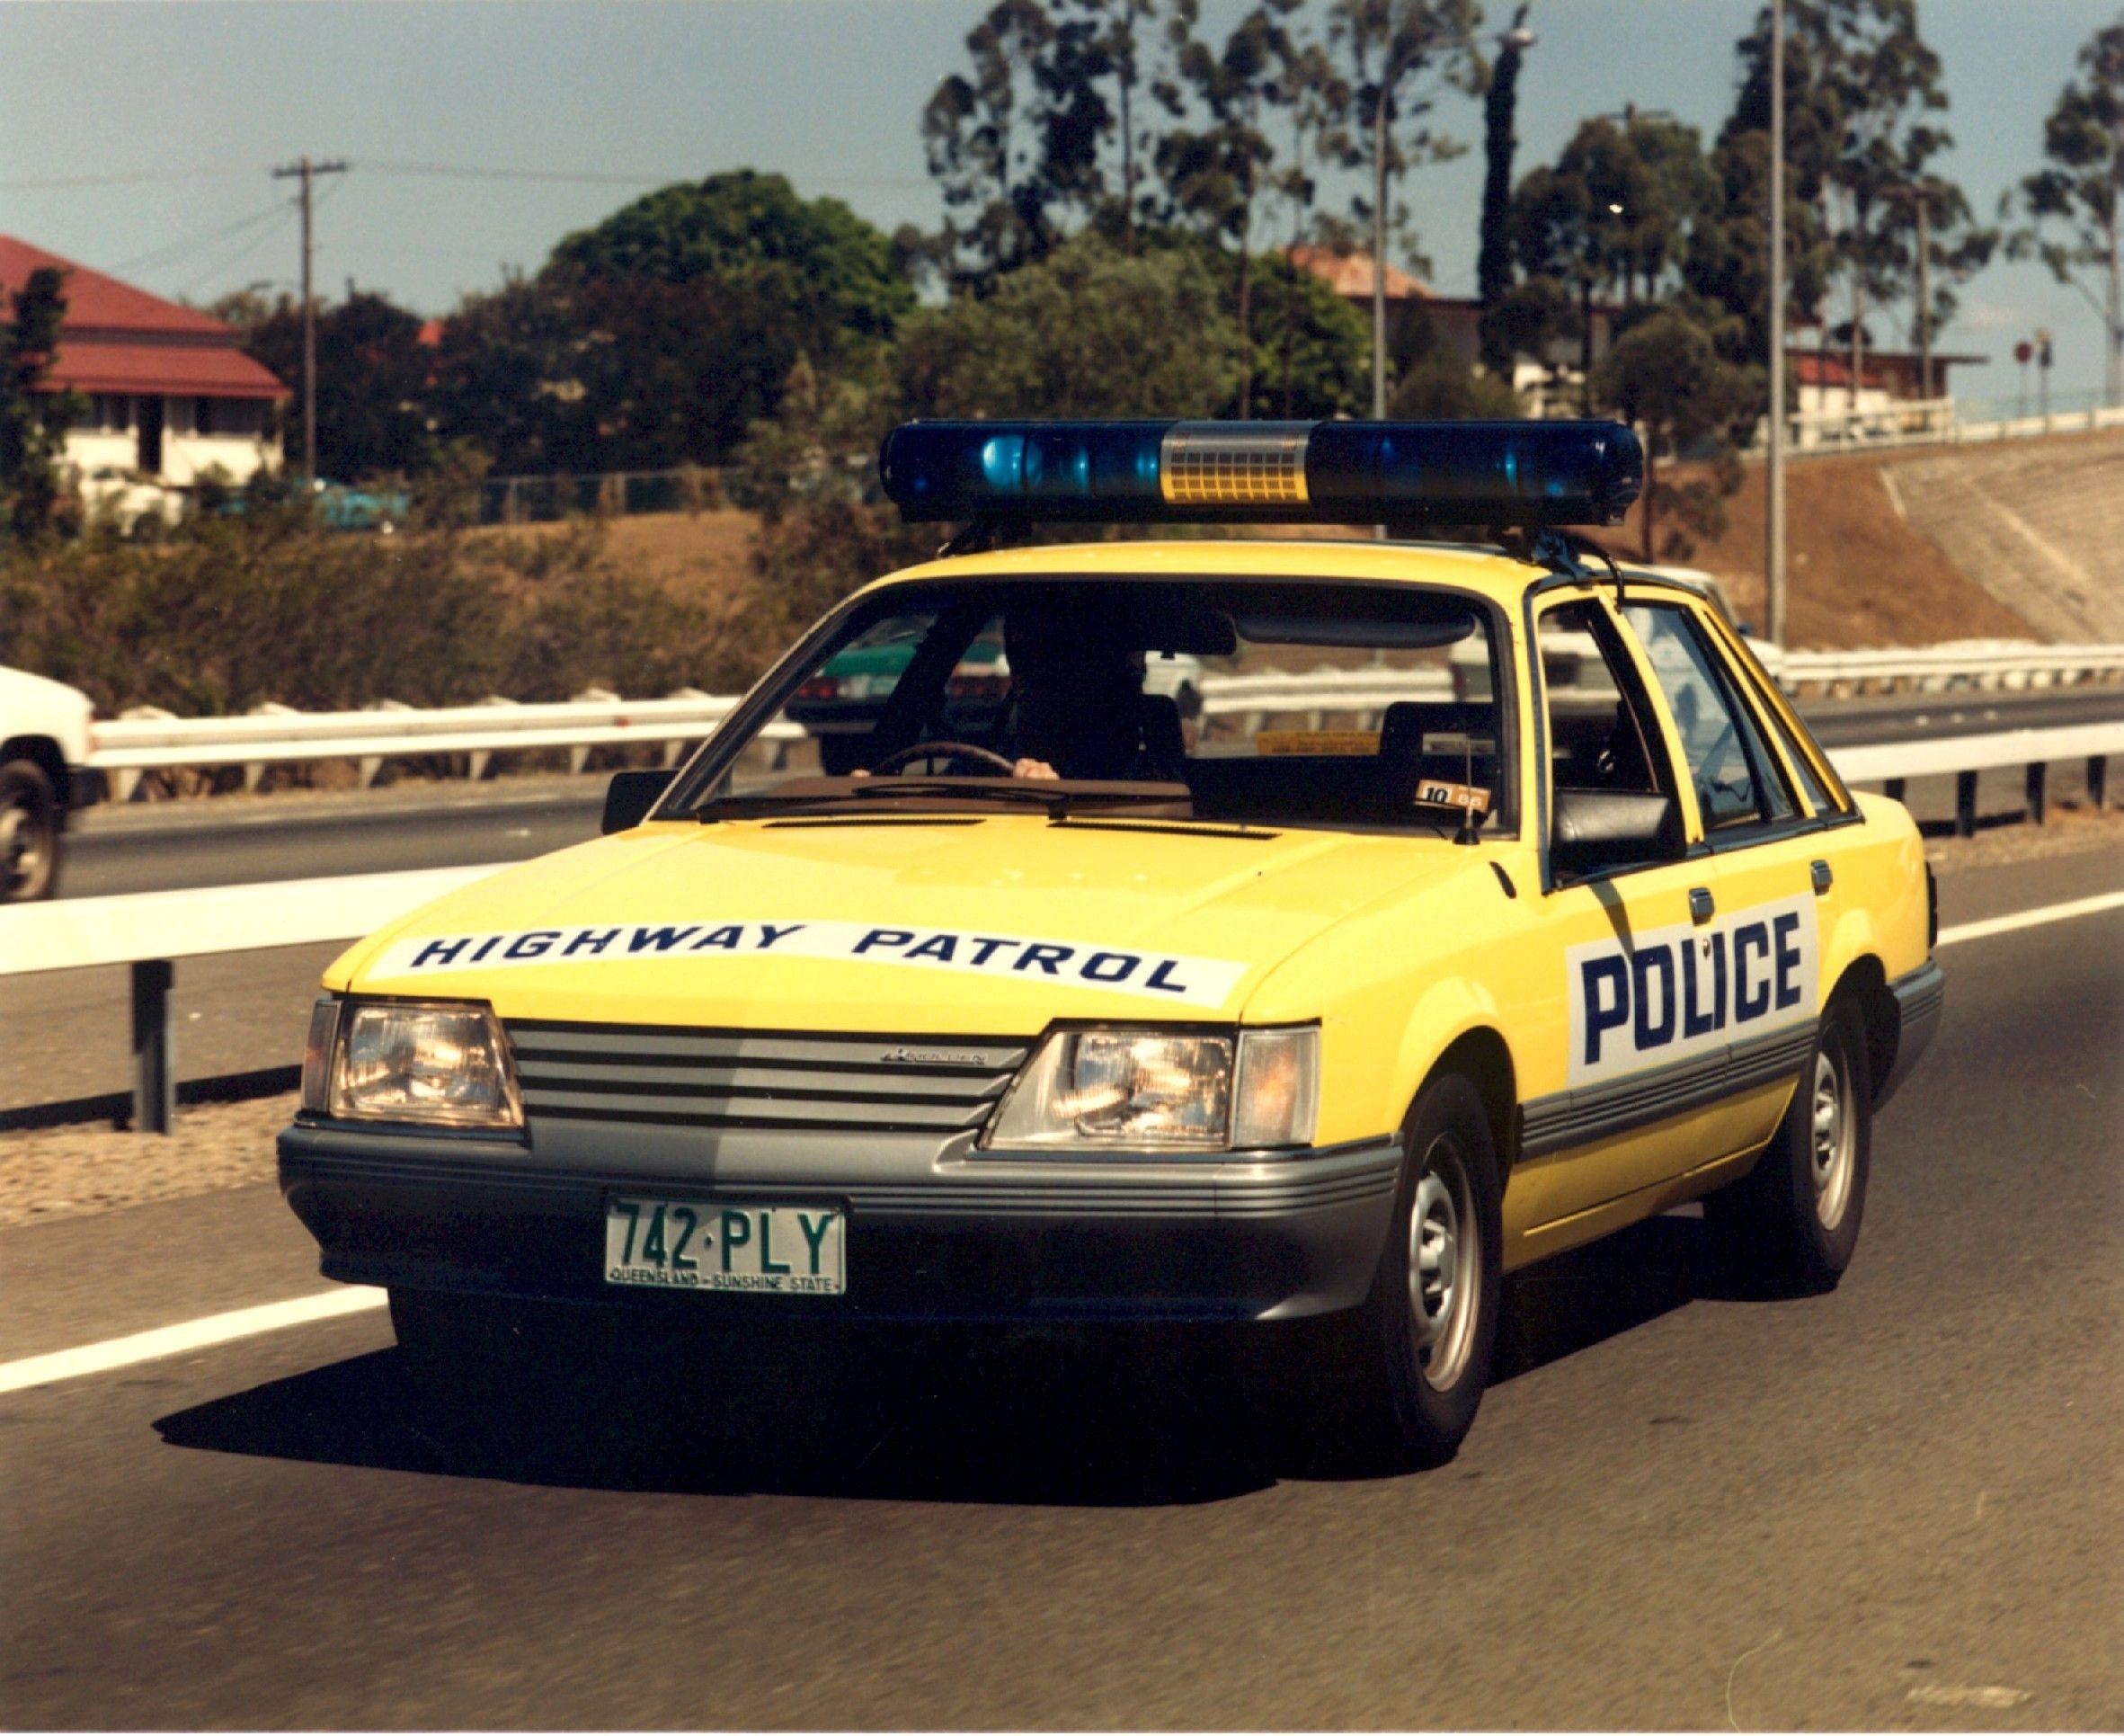 1988 Highway Patrol Vehicle - Queensland Australia | Vintage Police ...